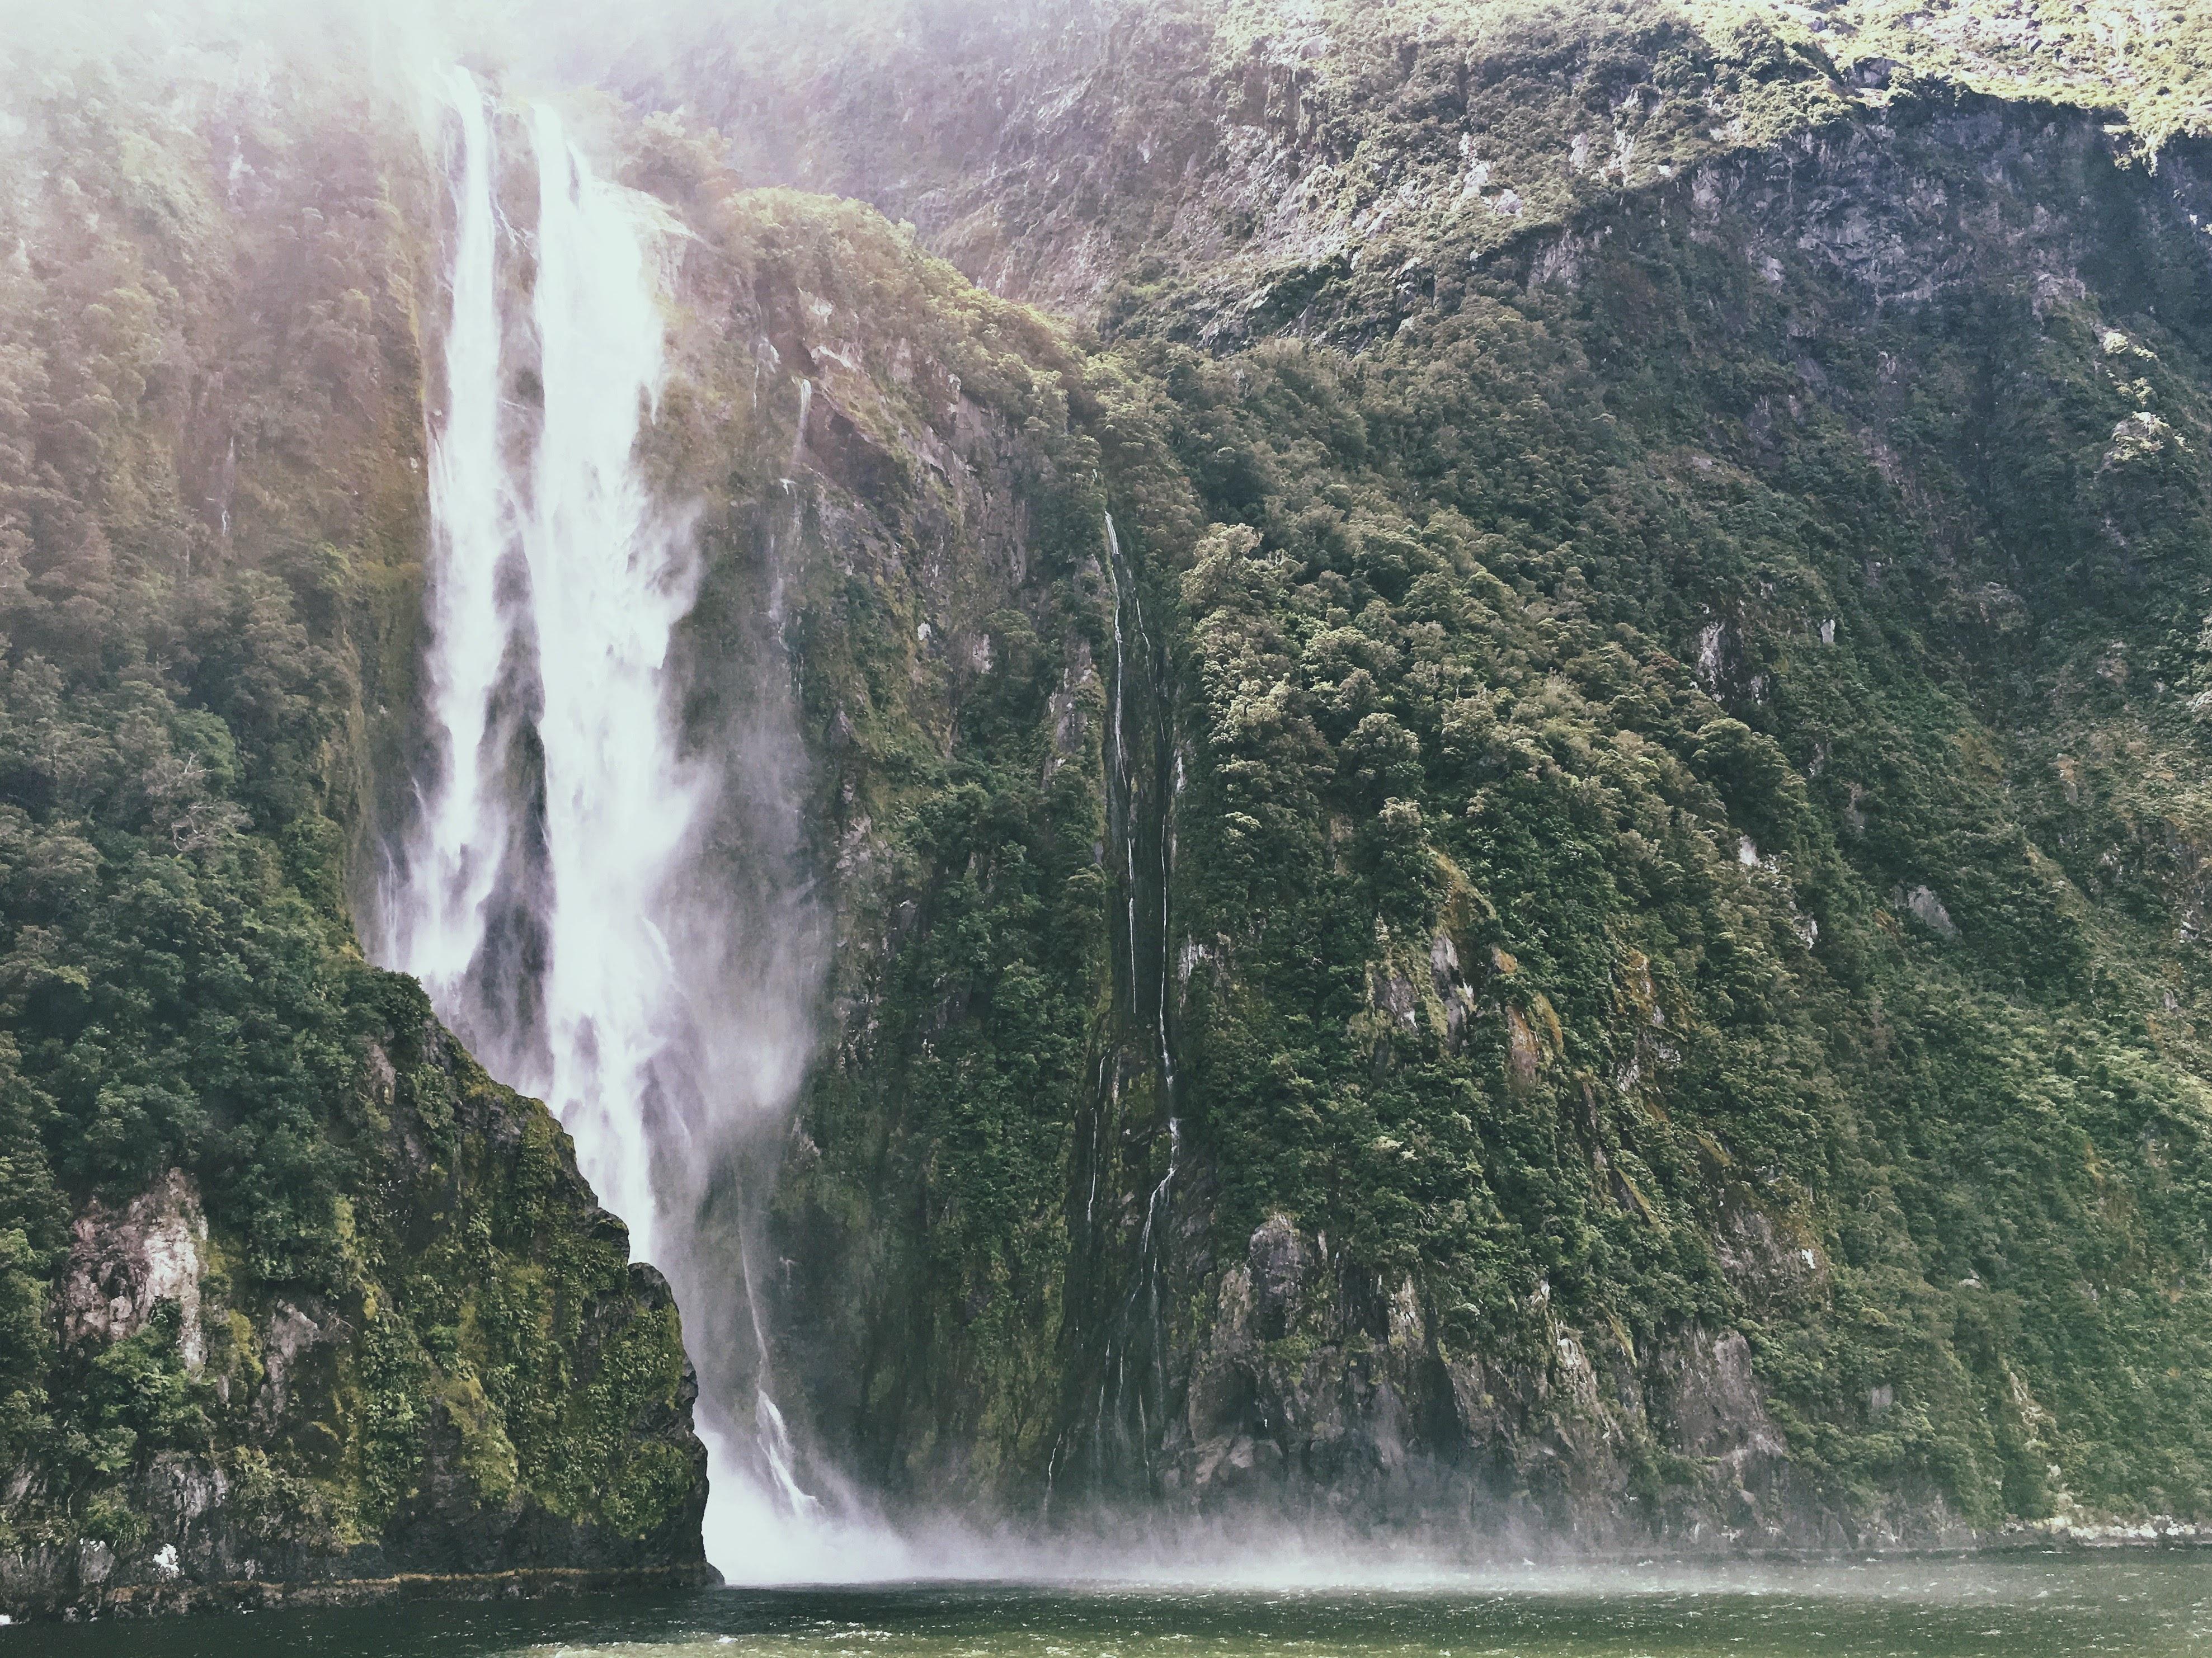 144452 descargar fondo de pantalla Naturaleza, Cascada, Rotura, Precipicio, Ríos, Montañas: protectores de pantalla e imágenes gratis